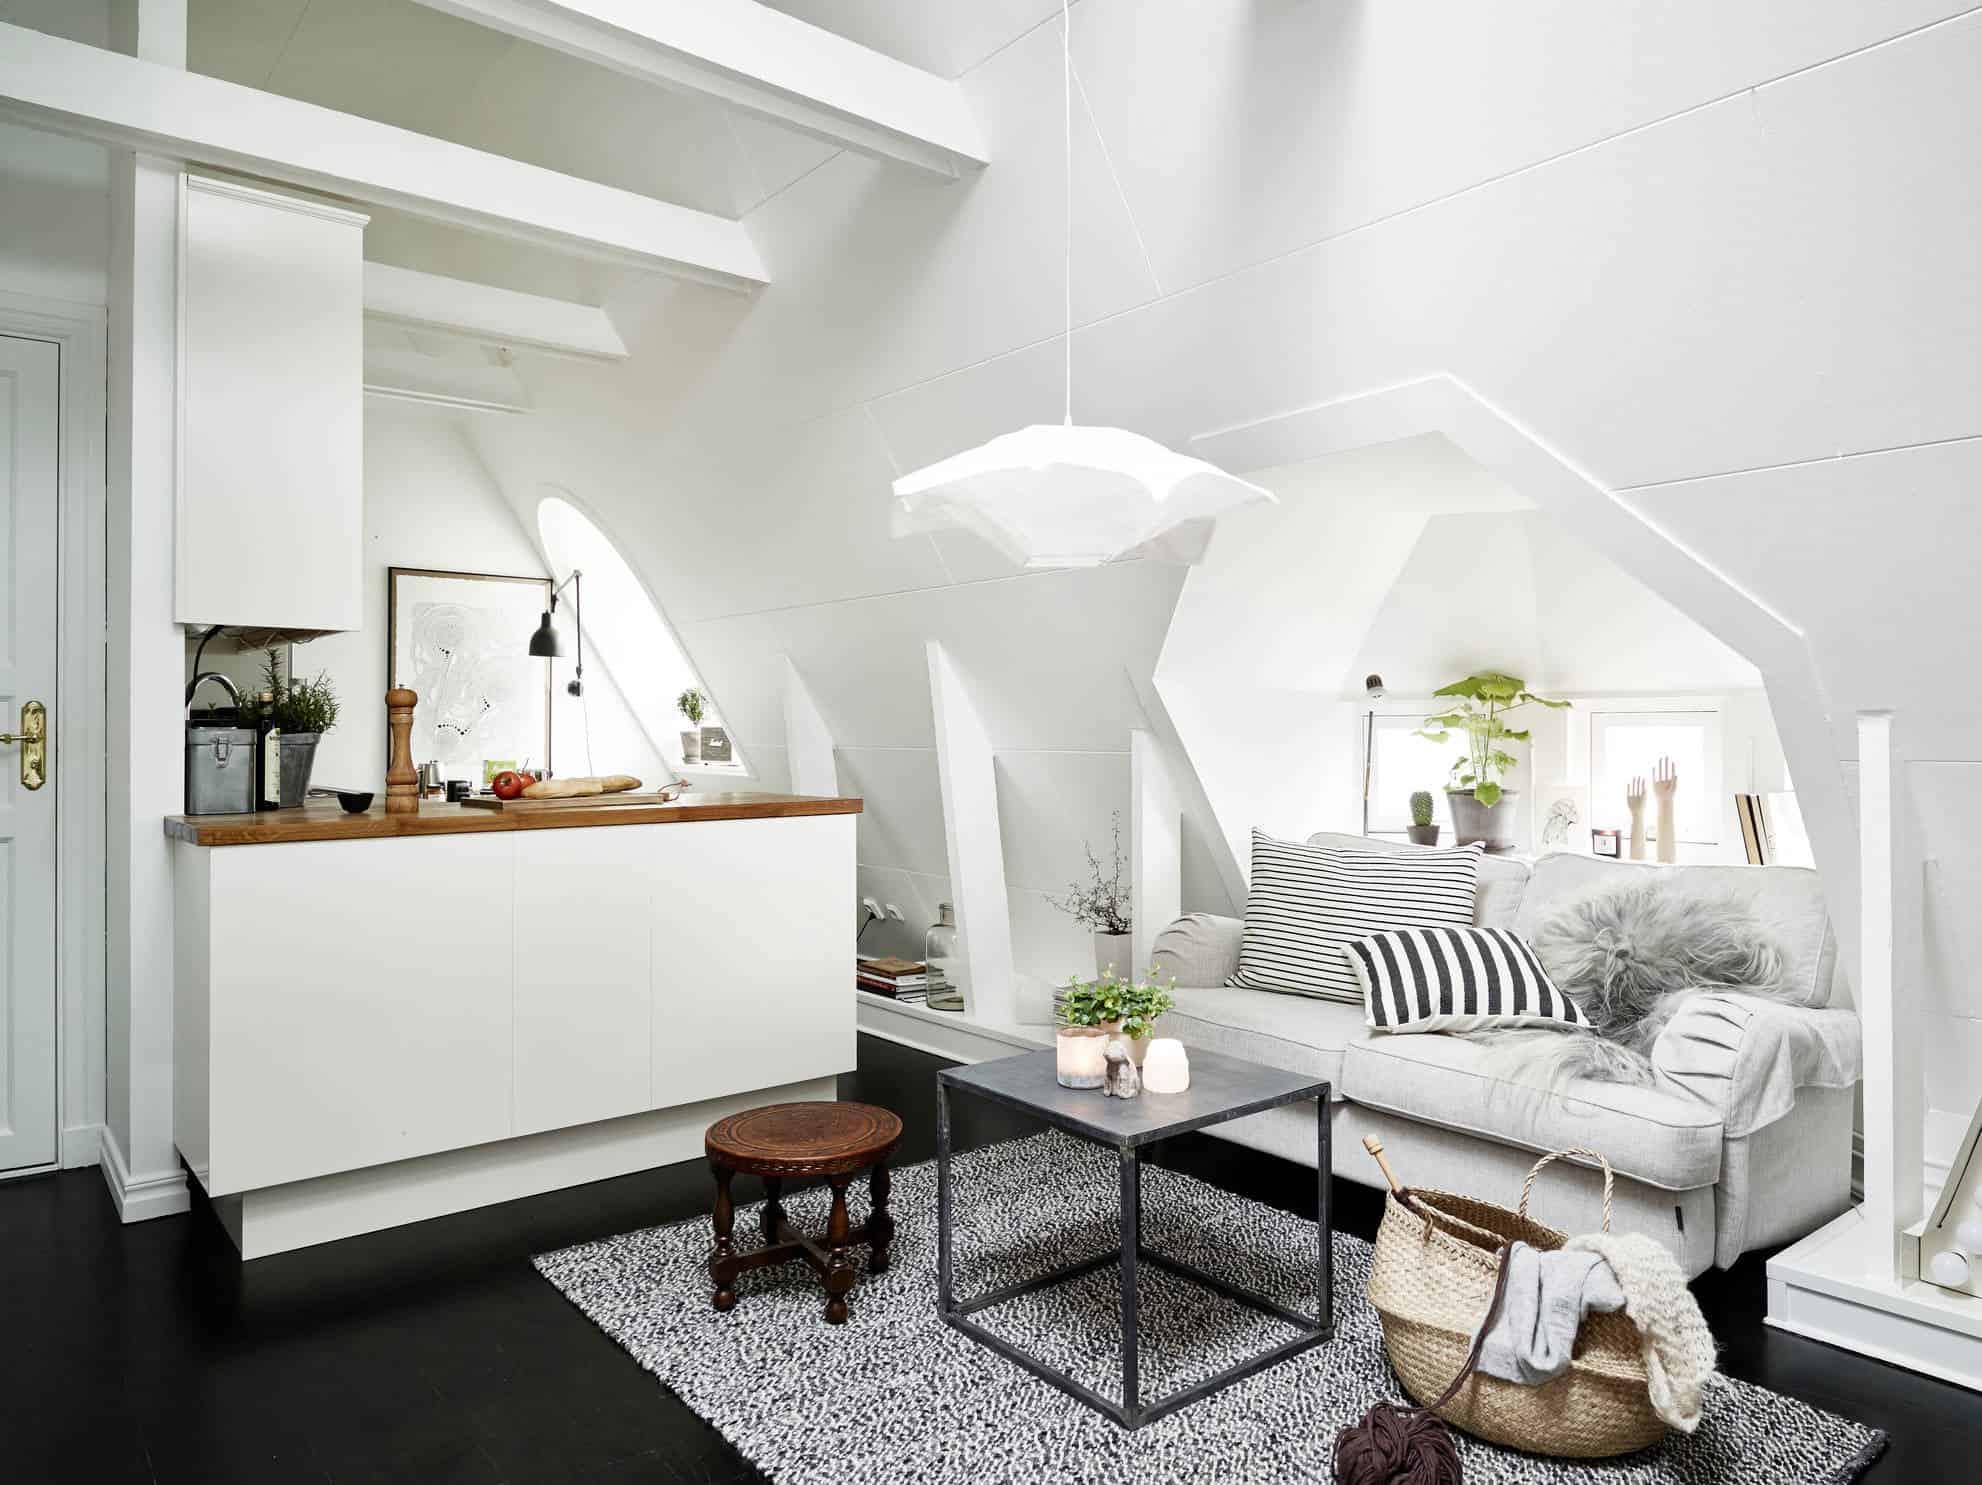 Scandinavian Interior Design: Attic Apartment in Vasastan